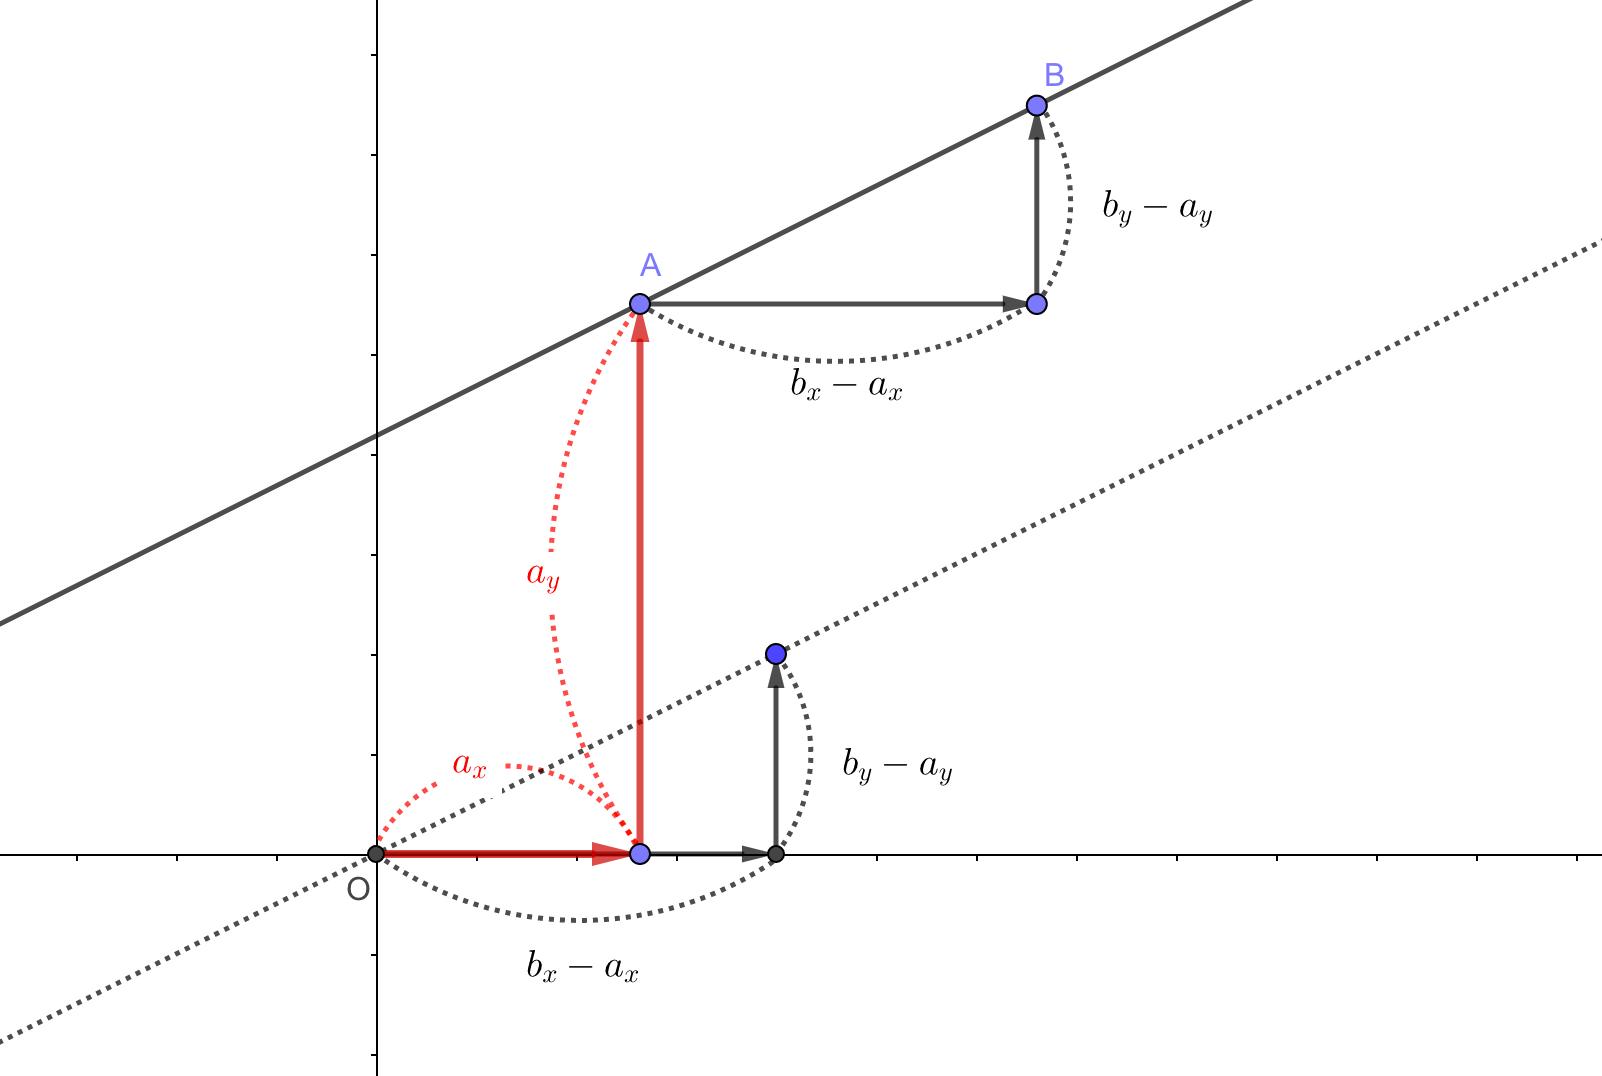 2点A,Bを通る直線